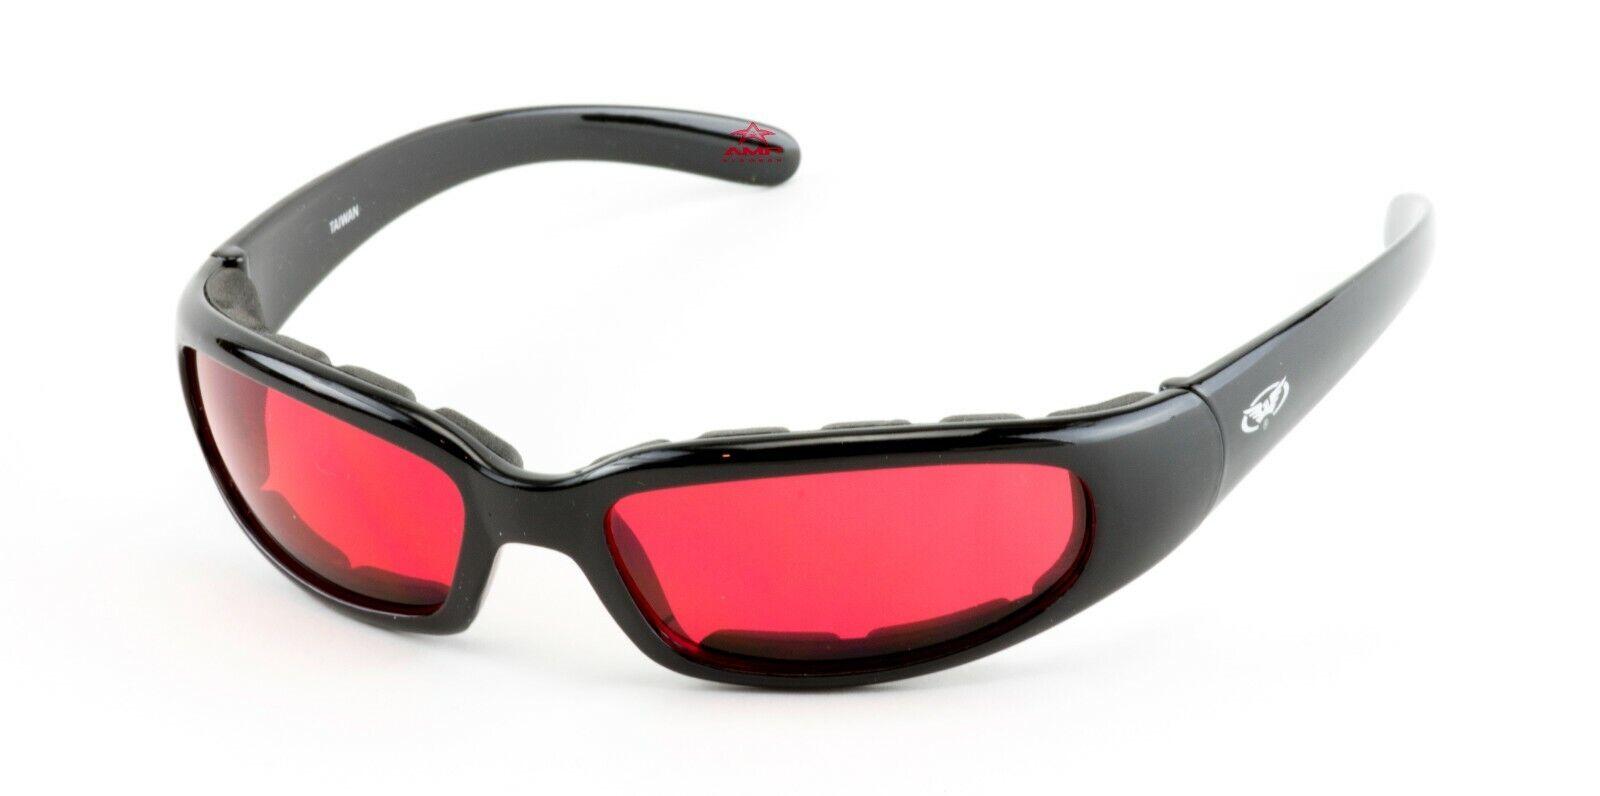 Global Vision Chicago Rojo Lentes Brillante / Negro con Espuma Acolchada Sol